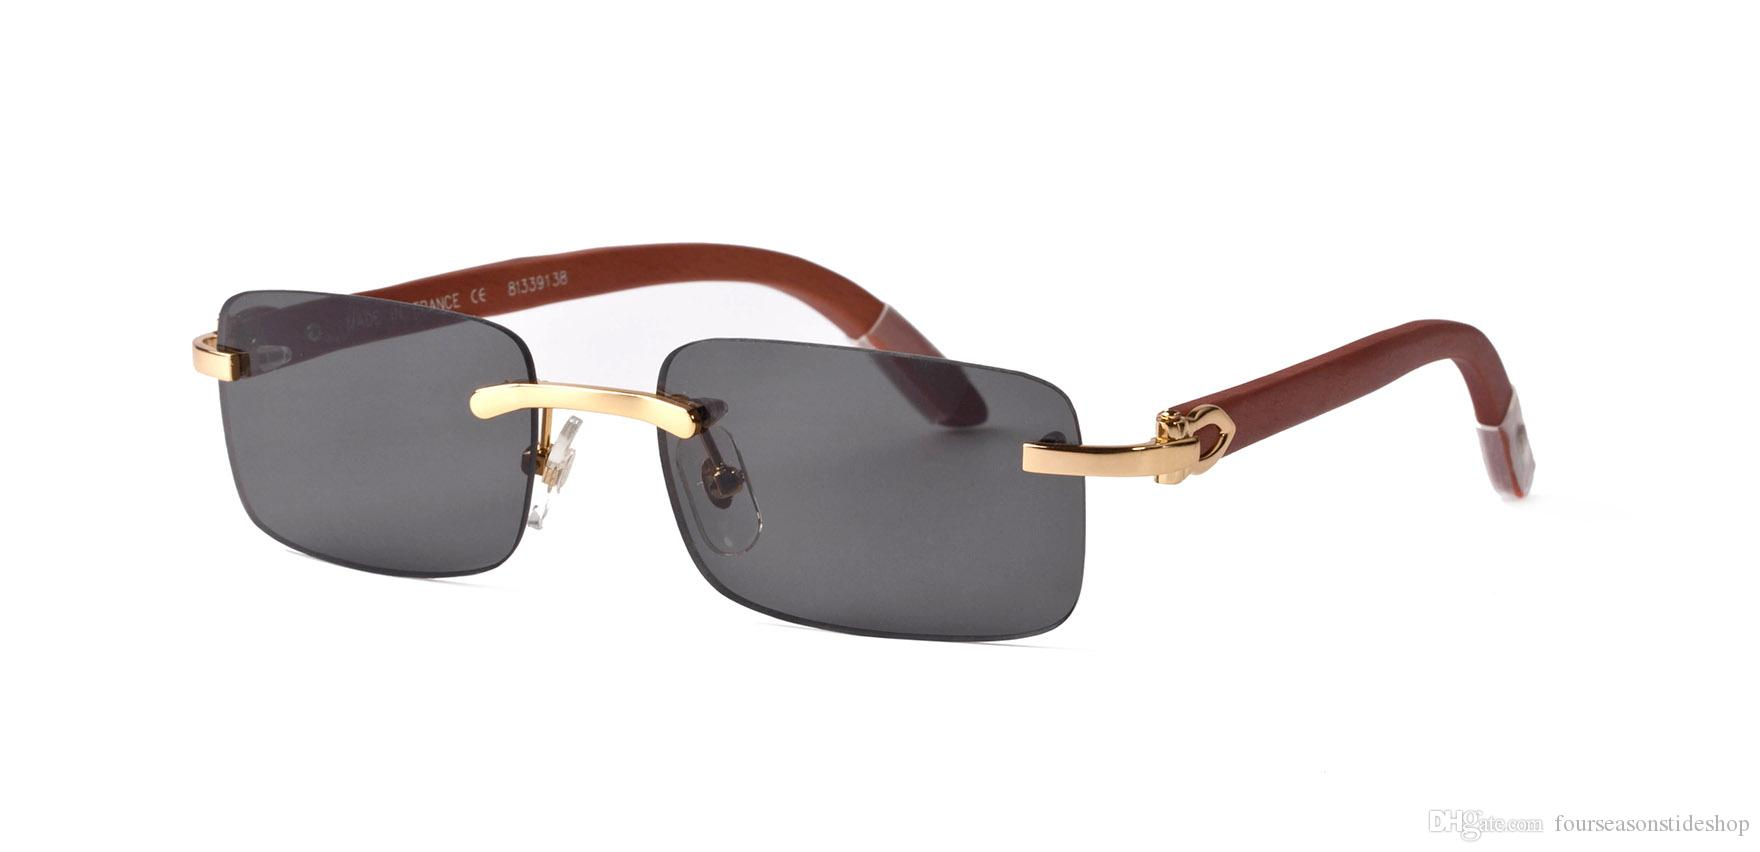 2020 خمر الرجعية النظارات الشمسية للرجال وإمرأة نظارات قرن الجاموس رجل نظارات الشمس نظارات خشبية بدون شفة إطار معدني الذهب والفضة